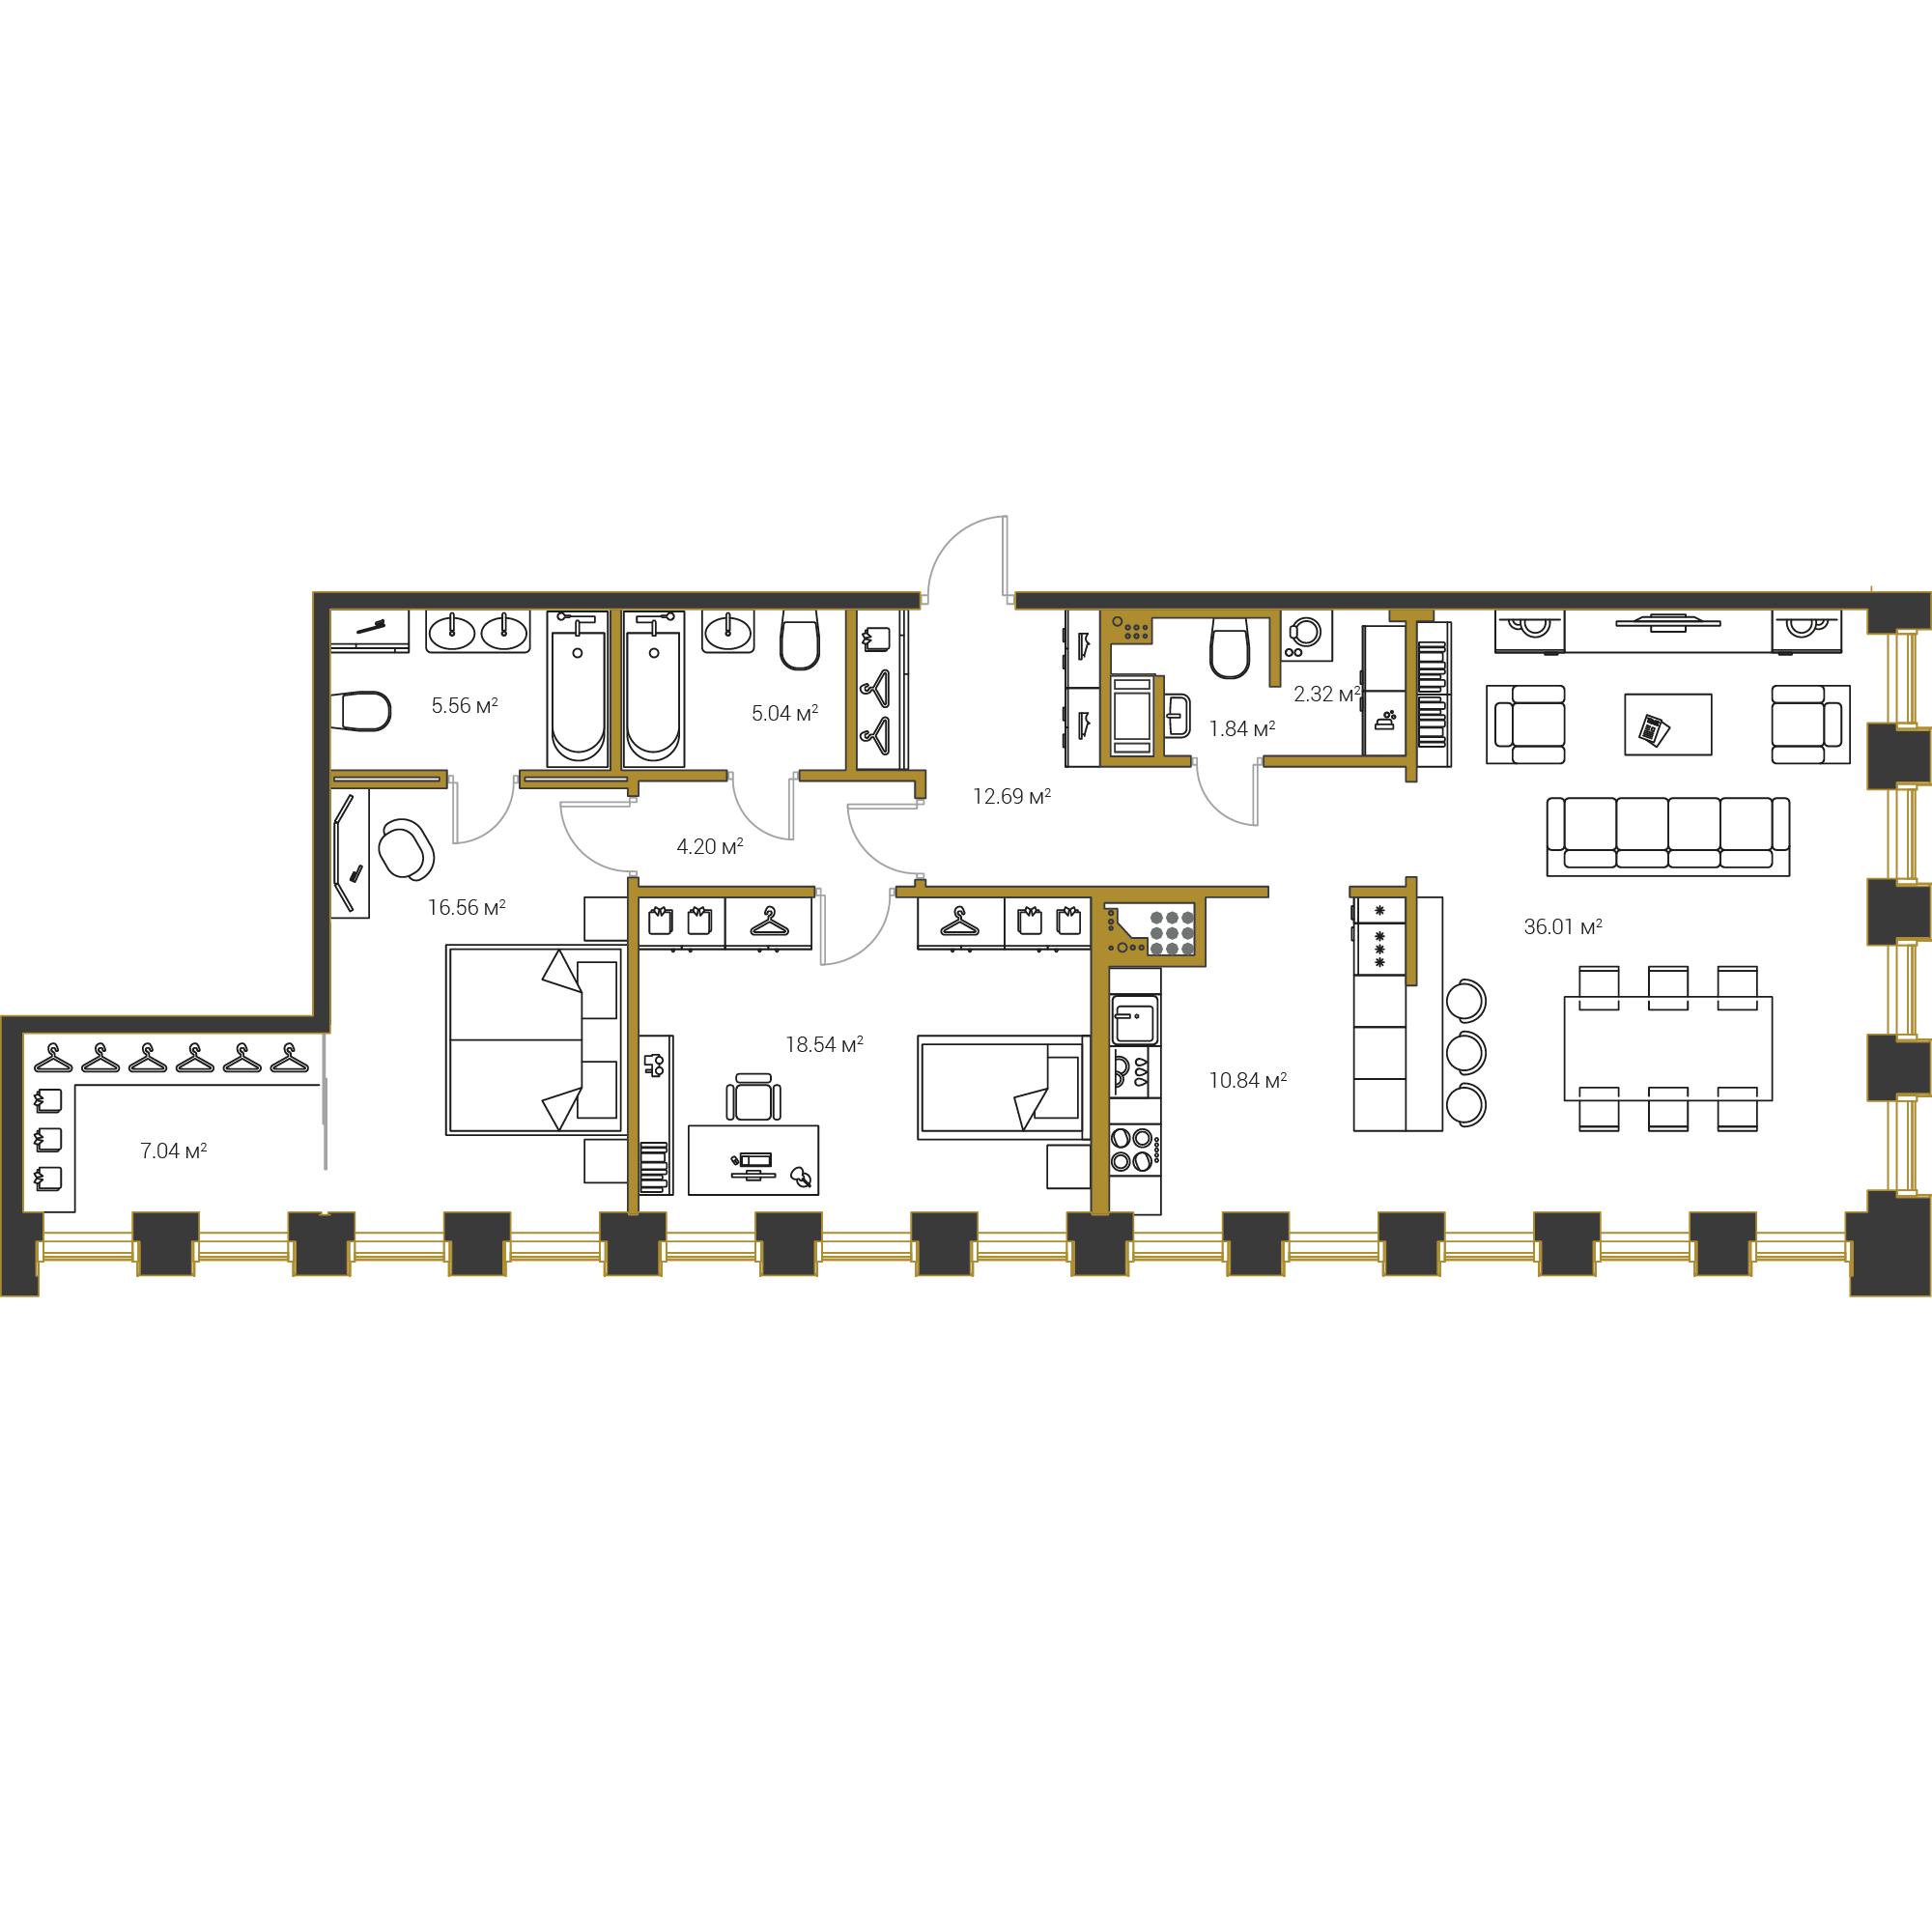 2-комнатная квартира №16 в: Институтский,16: 120.64 м²; этаж: 5 - купить в Санкт-Петербурге